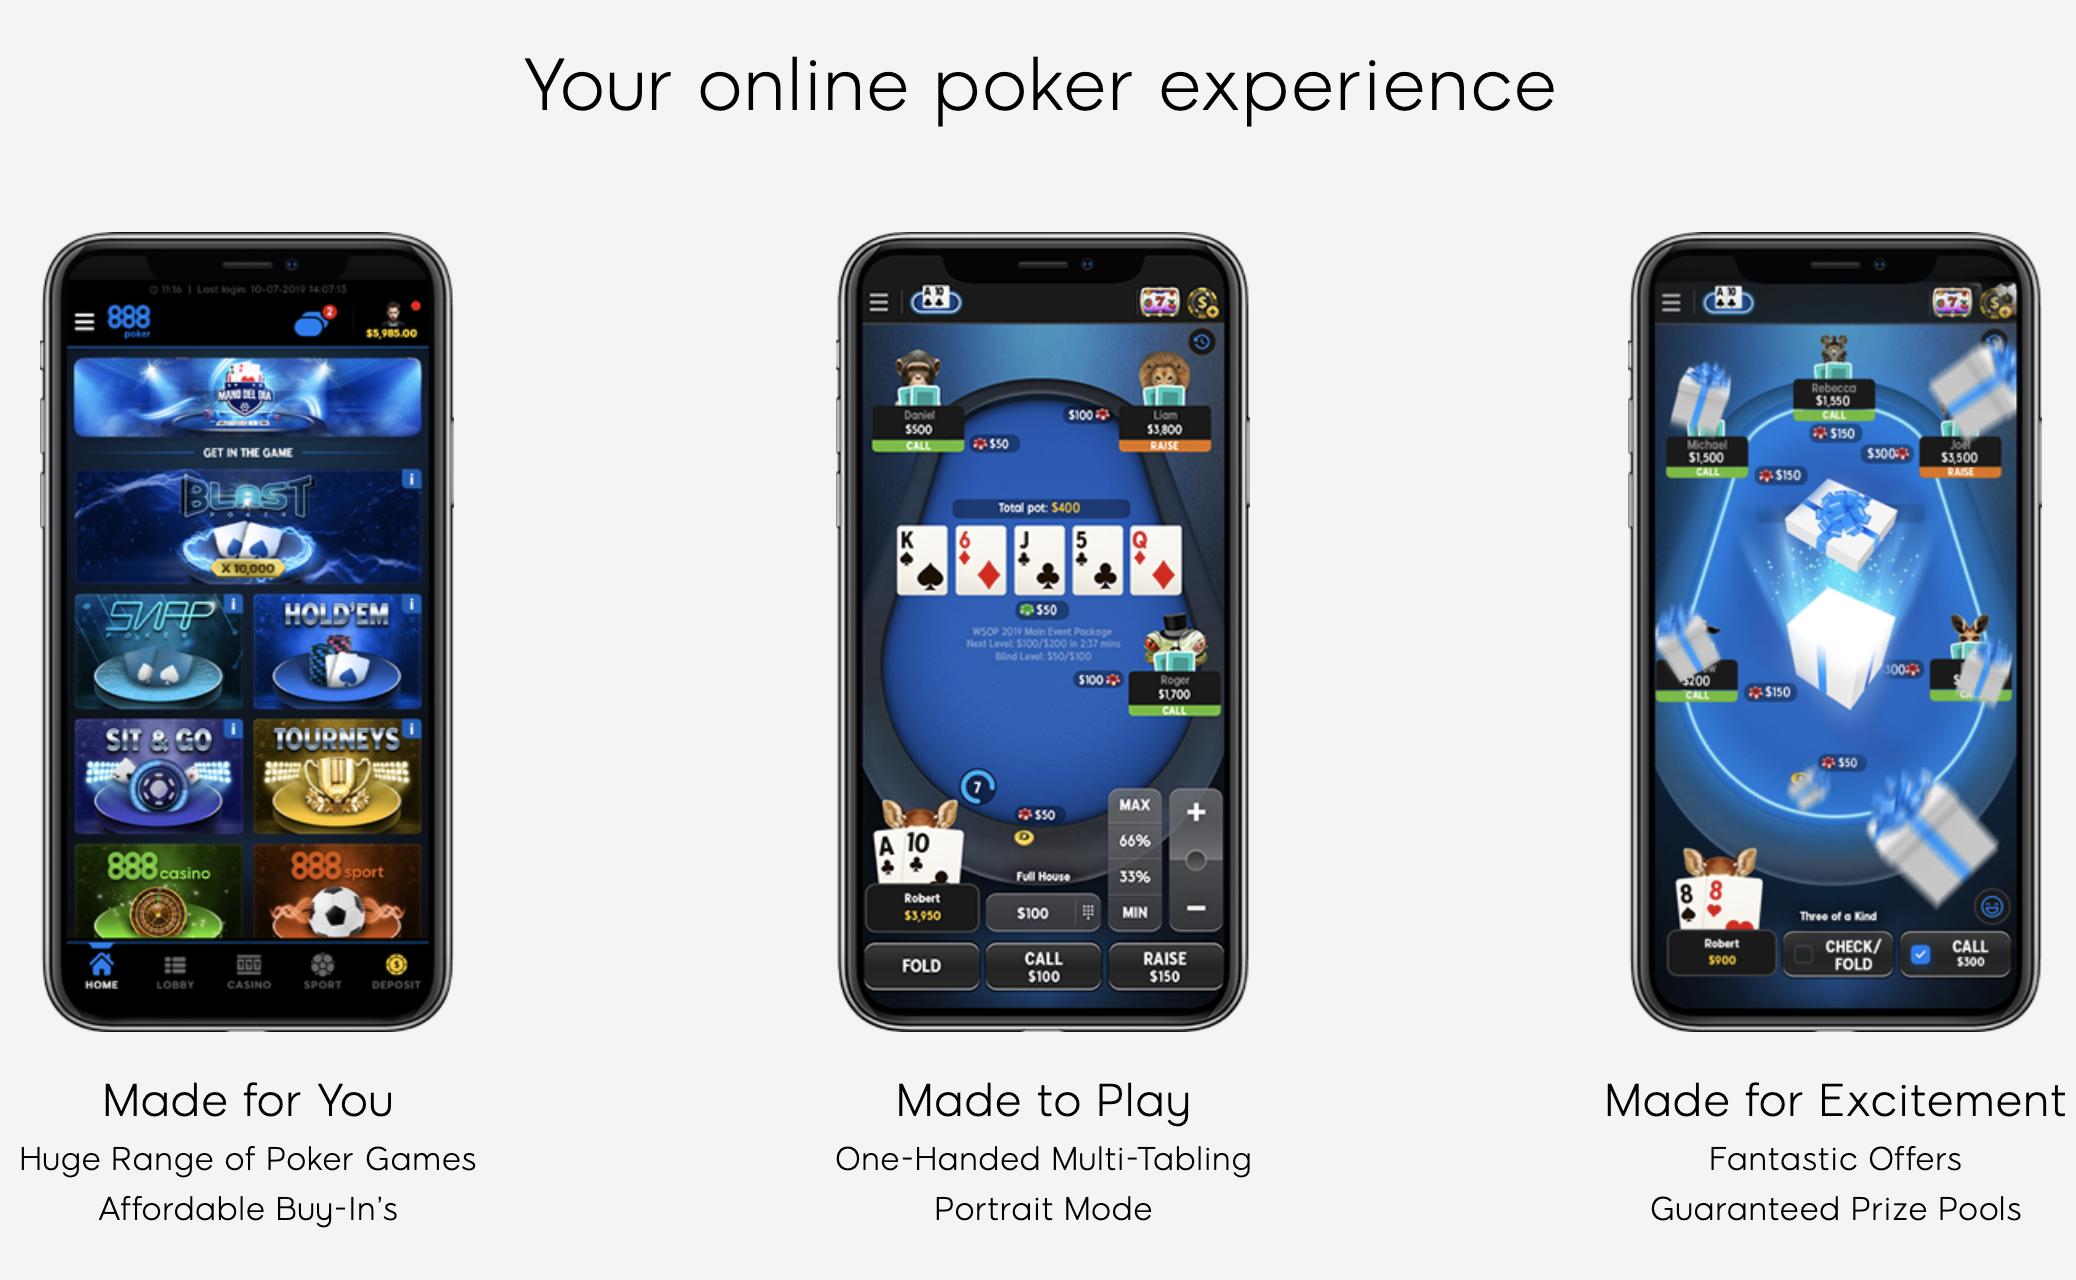 http://hr.pokerpro.cc/uploads/hr.pokerpro.cc/2020/11/888poker_2020_11_new_mobile_app_banner.png